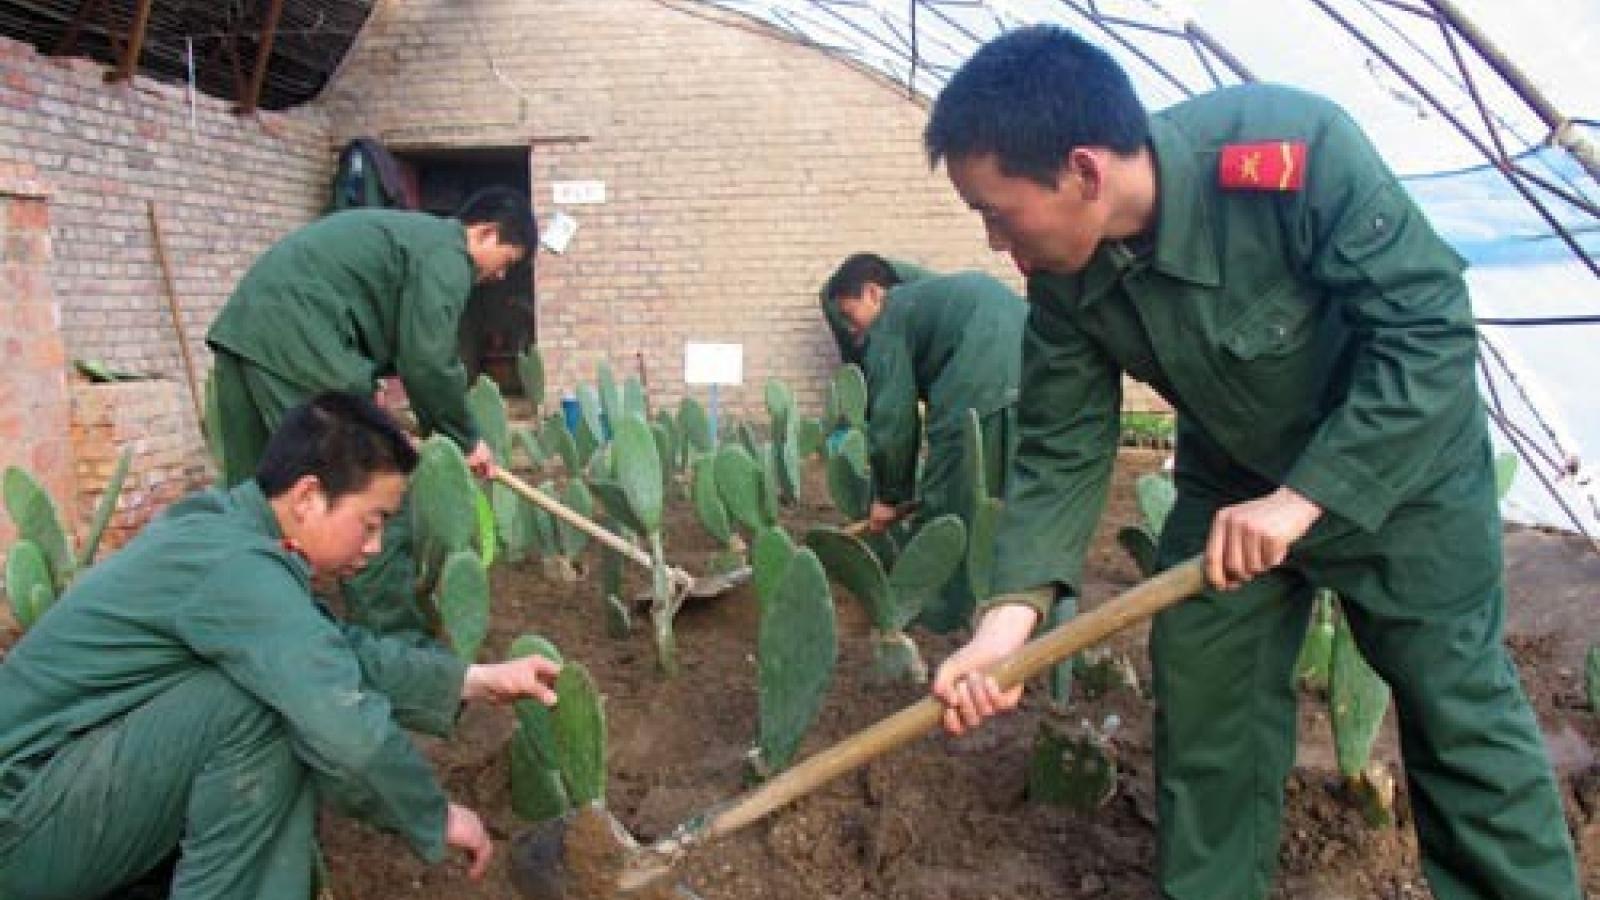 Mỹ trừng phạt thêm đại công ty của Trung Quốc liên quan Tân Cương